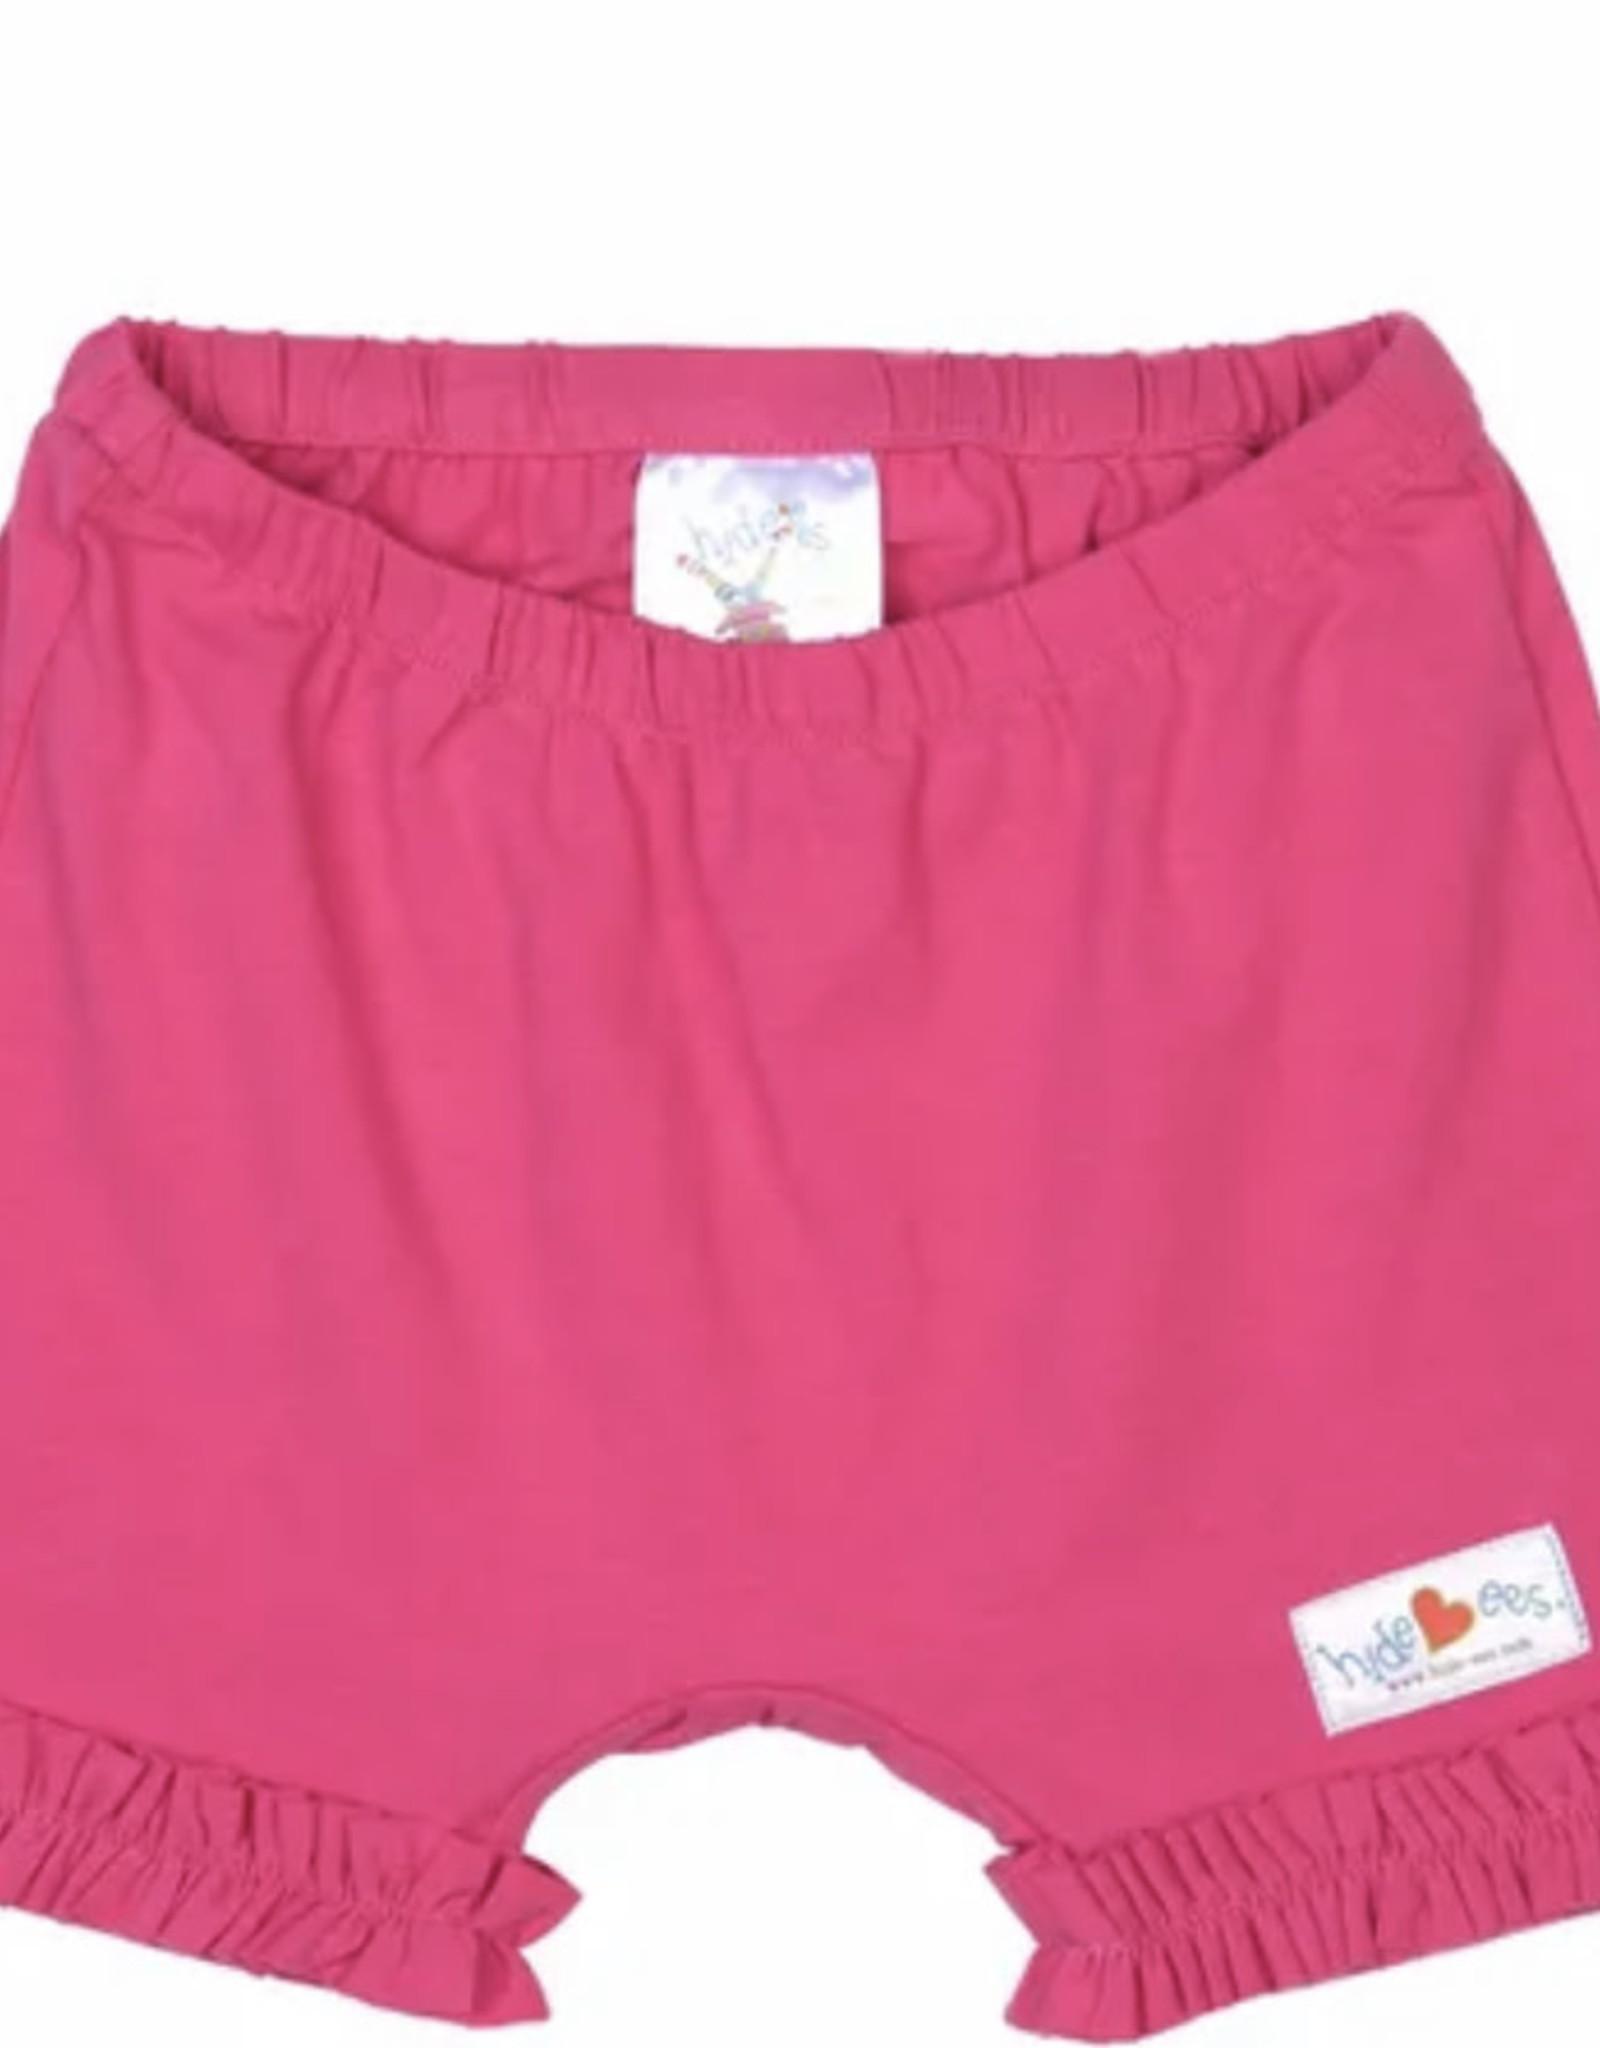 Hidees Hide-ees in Hot Pink